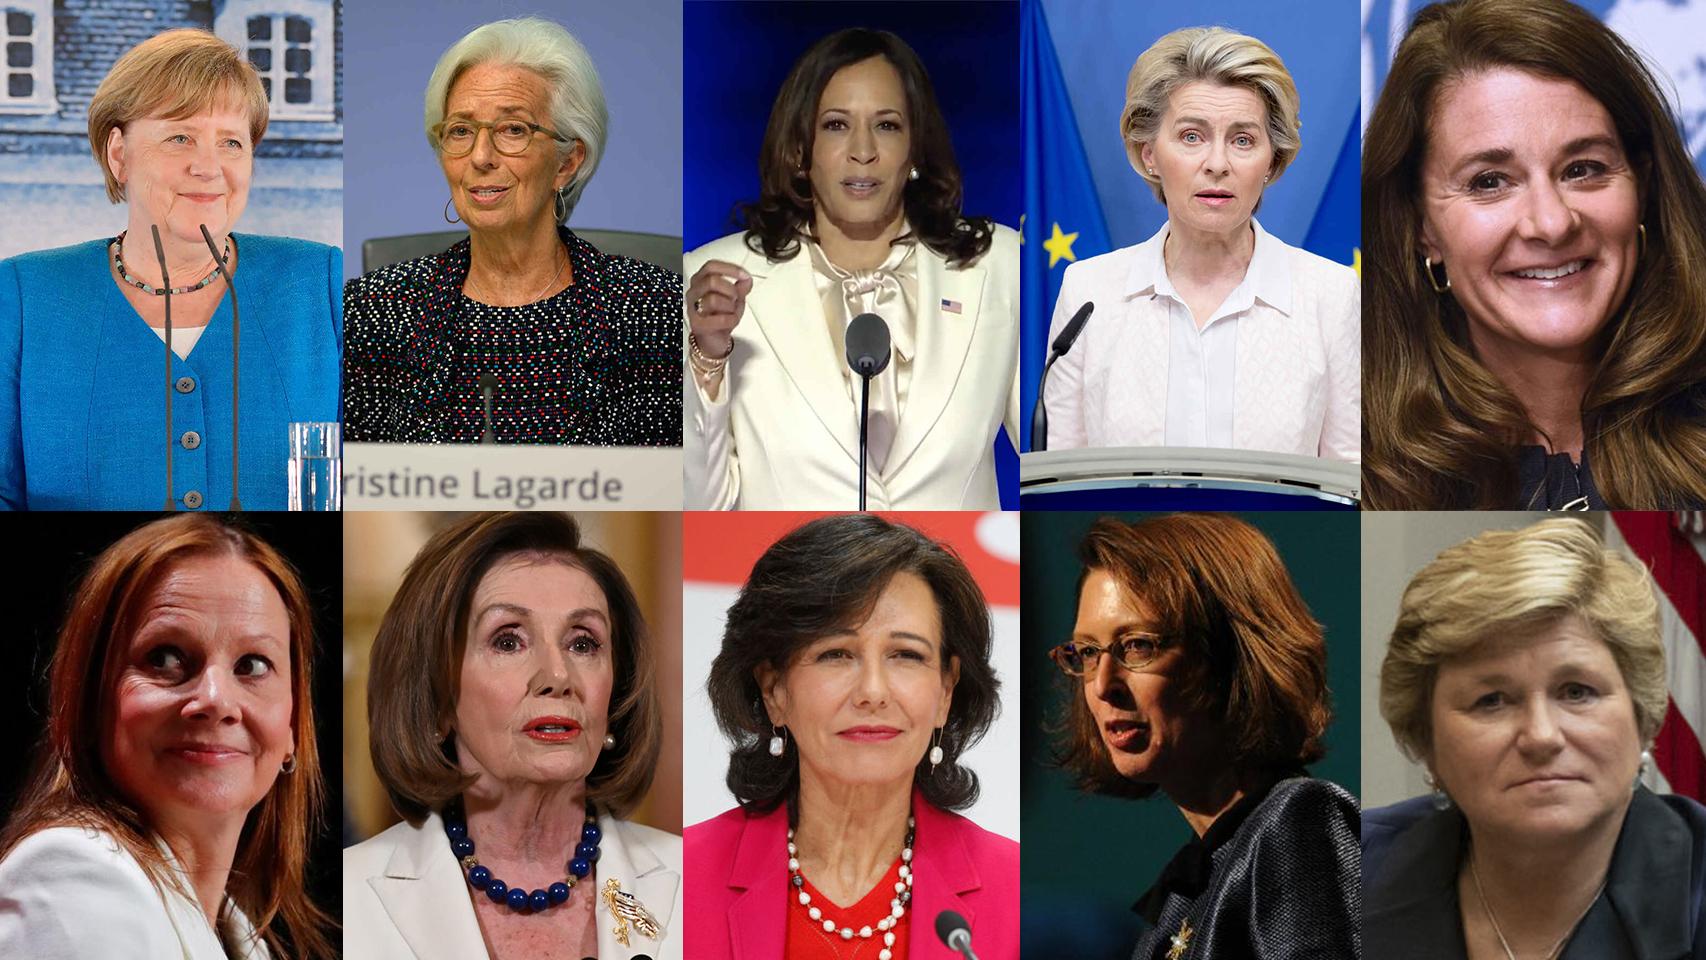 De izqda a dcha: Merkel, Lagarde, Harris, Von der Leyen, Gates, Barra, Pelosi, Botin, Johnson y Boudreaux.